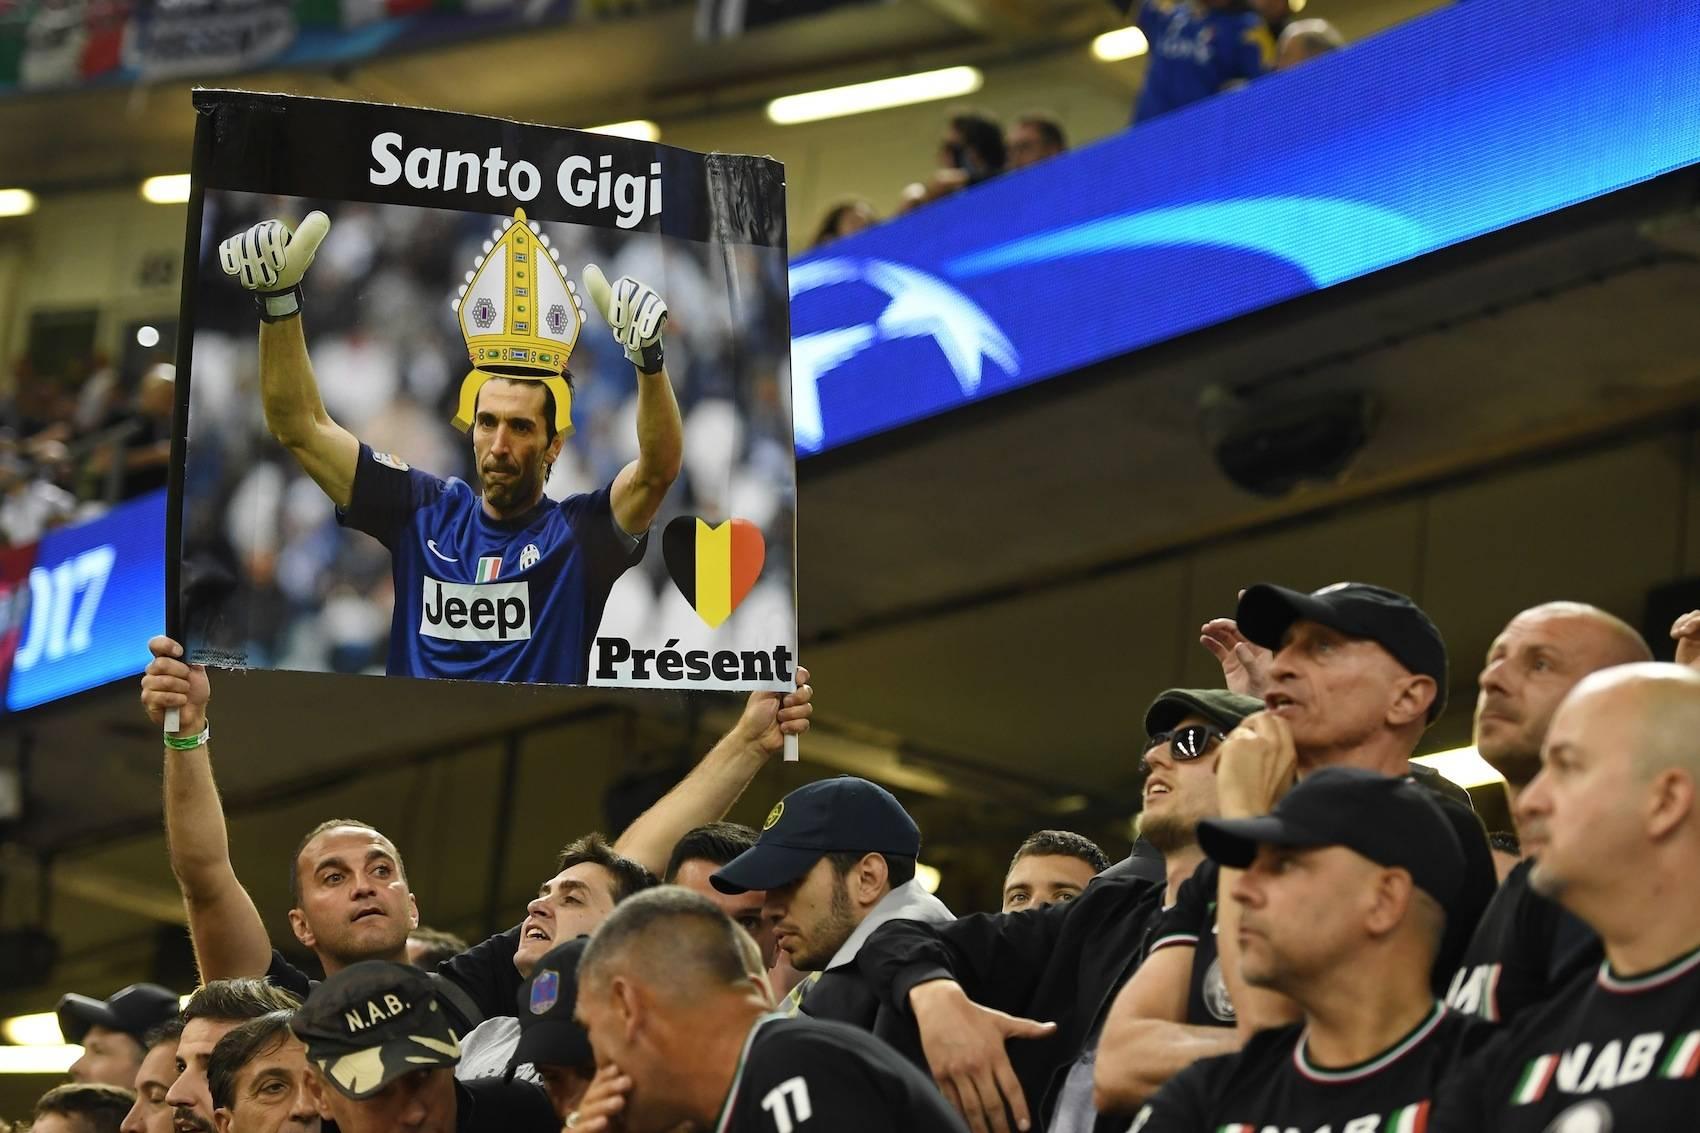 687105667JC00076_Juventus_v